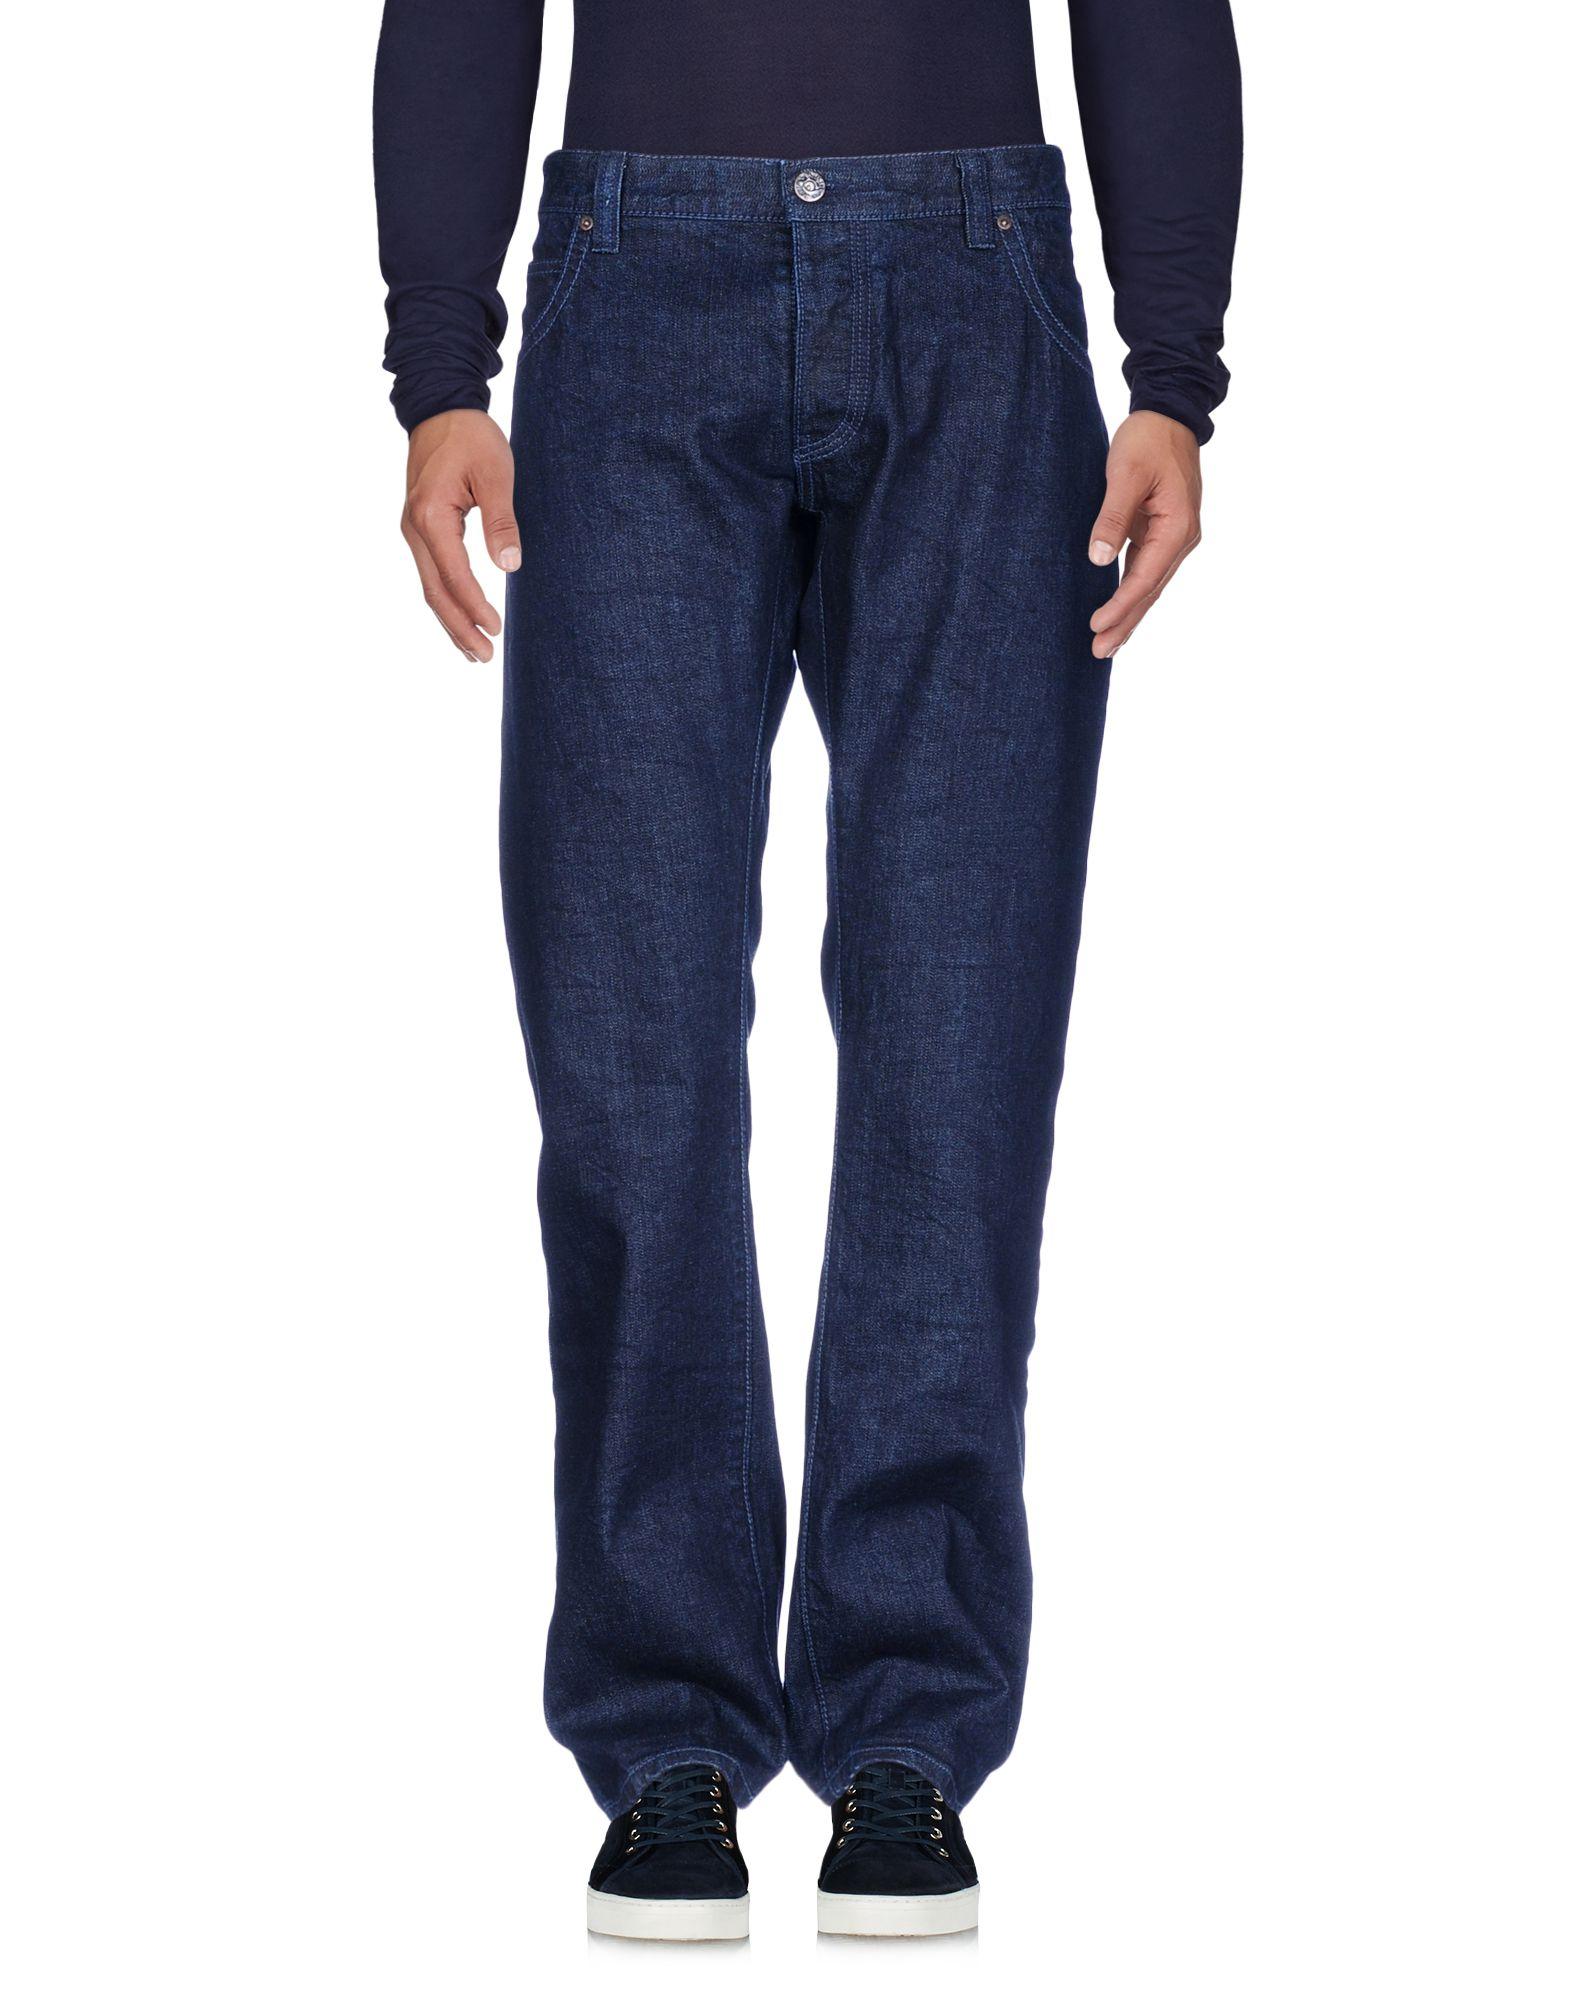 《送料無料》ARMANI JEANS メンズ ジーンズ ブルー 30 コットン 100%